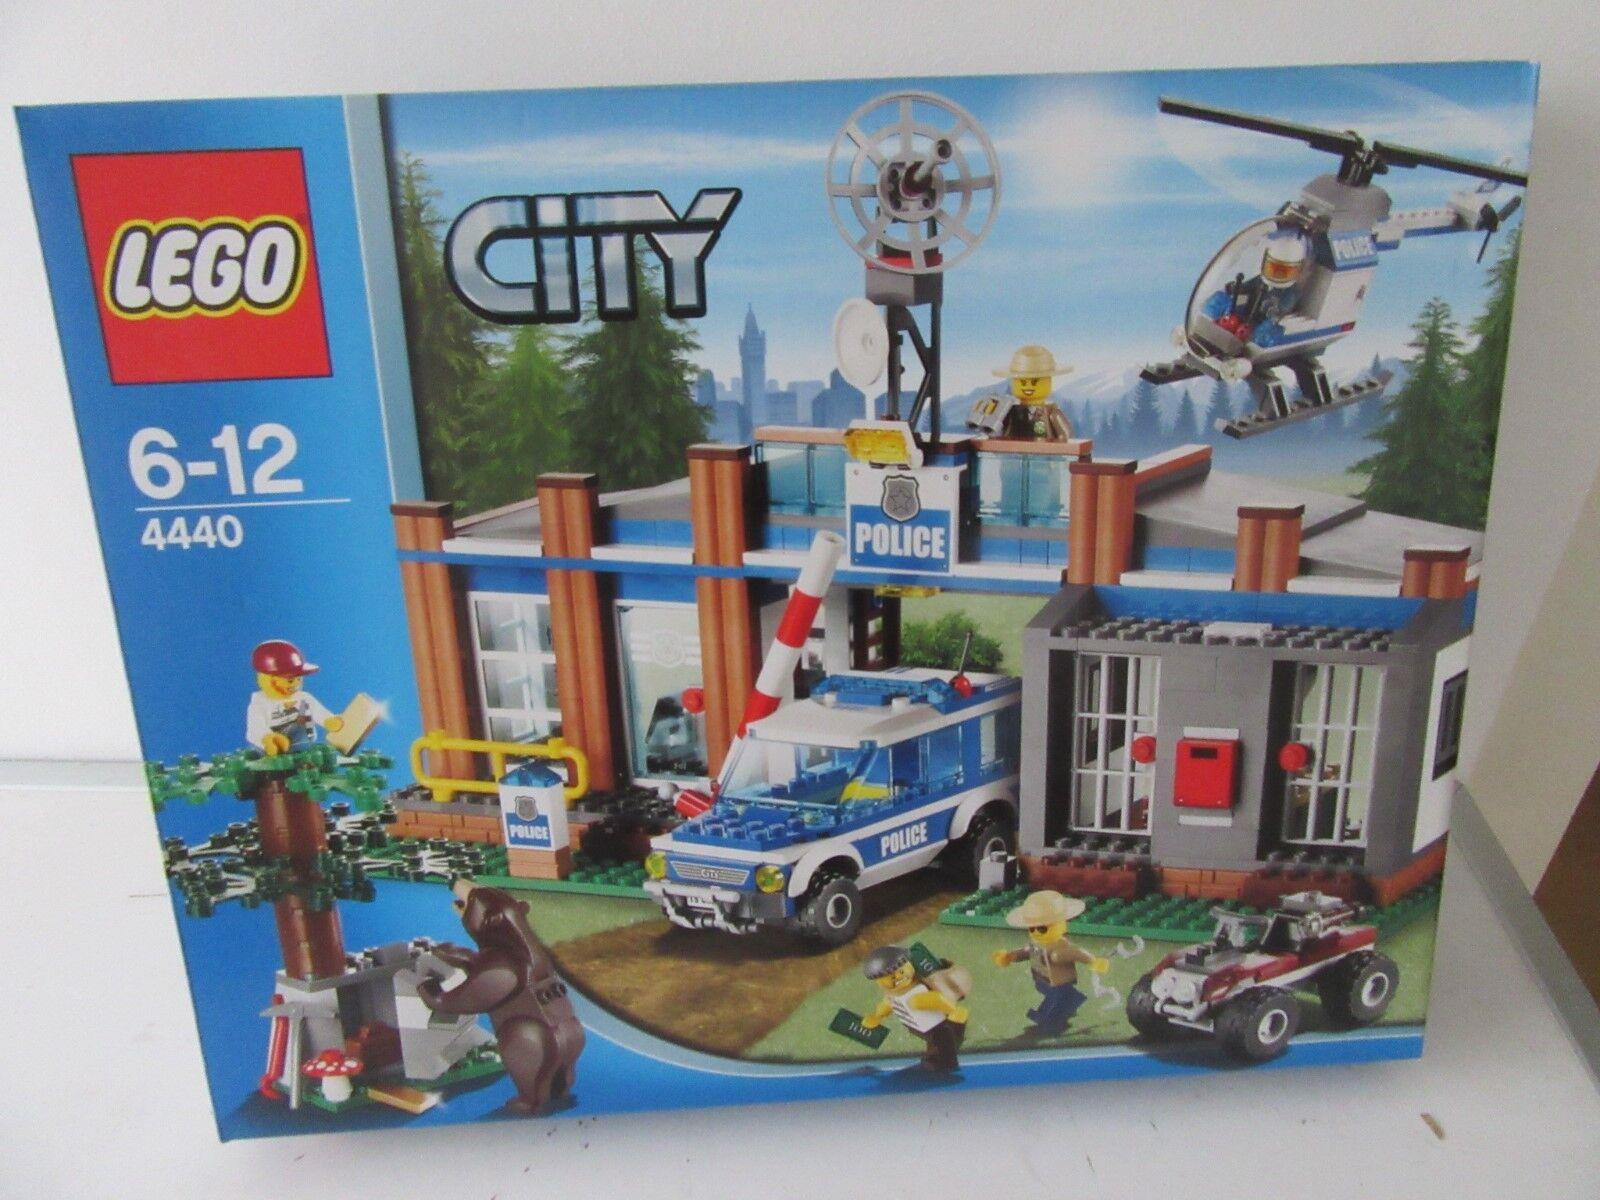 LEGO bureau. ®  City. 4440 Bospolitie bureau. LEGO 11219a